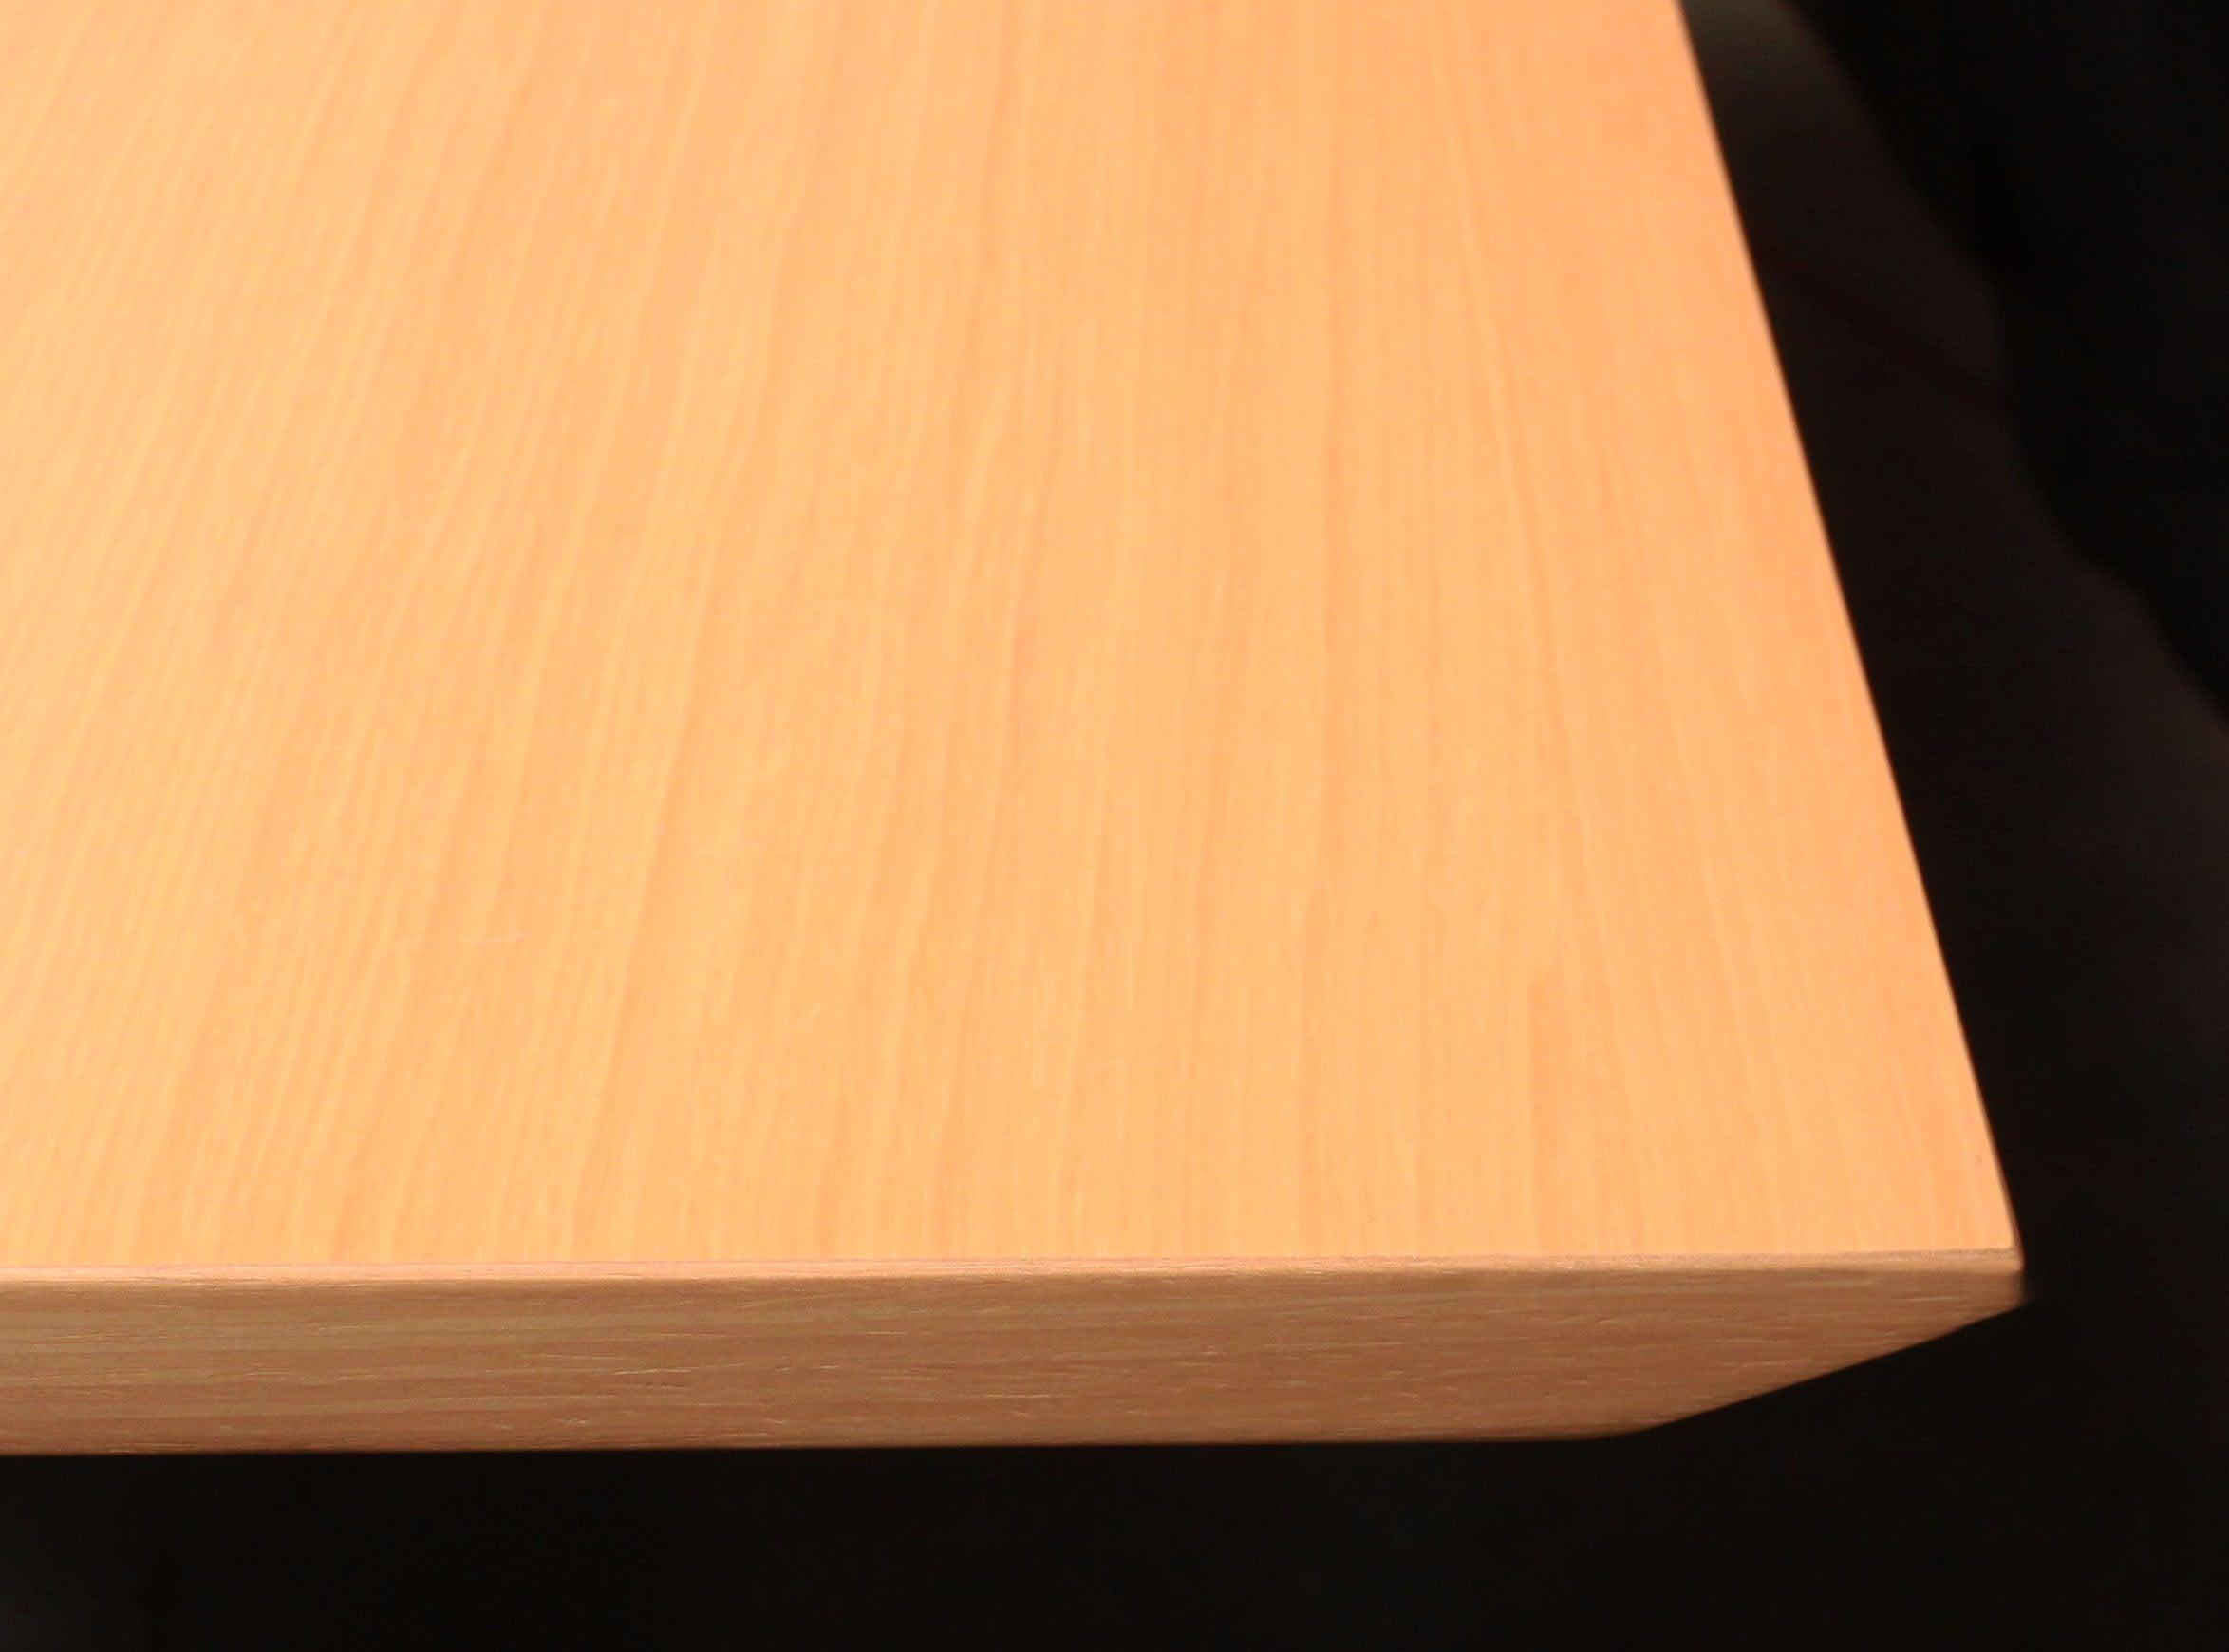 Knoll 7 foot Used Maple Adjustable Height Training Table